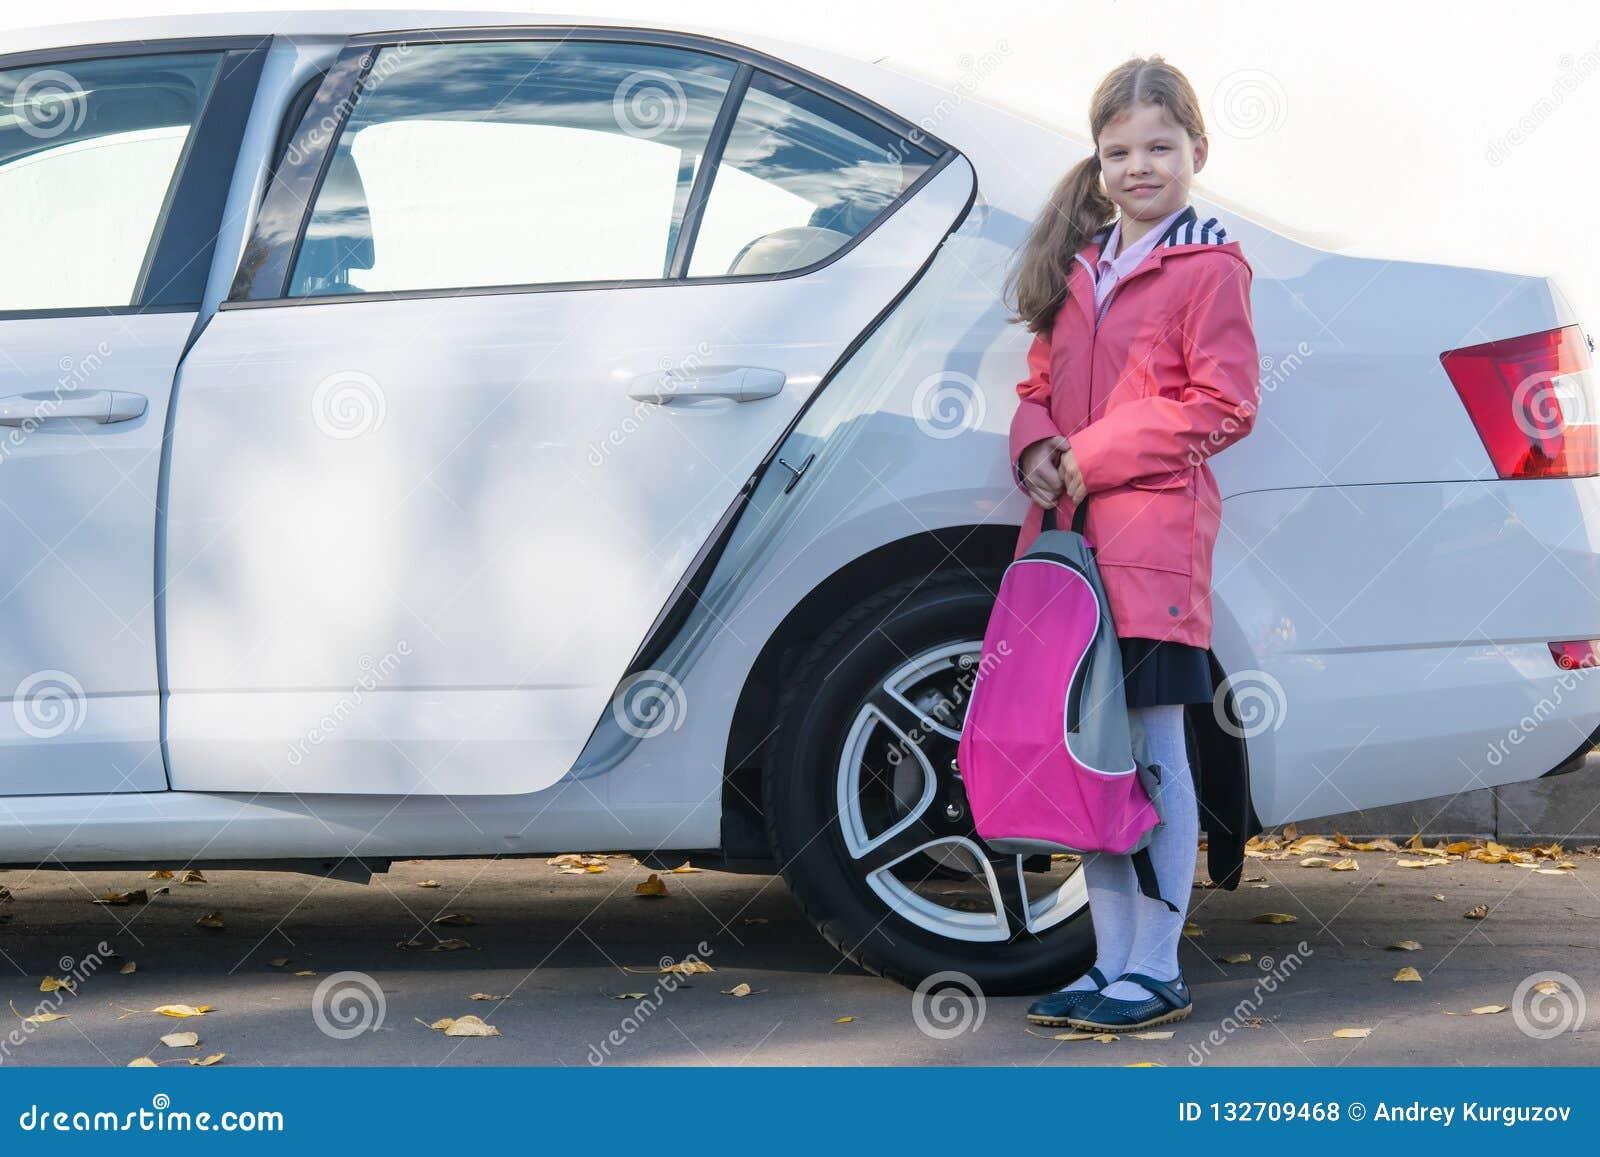 La ragazza stava andando in viaggio in macchina ad una istituzione-scuola educativa, con una cartella in sue mani